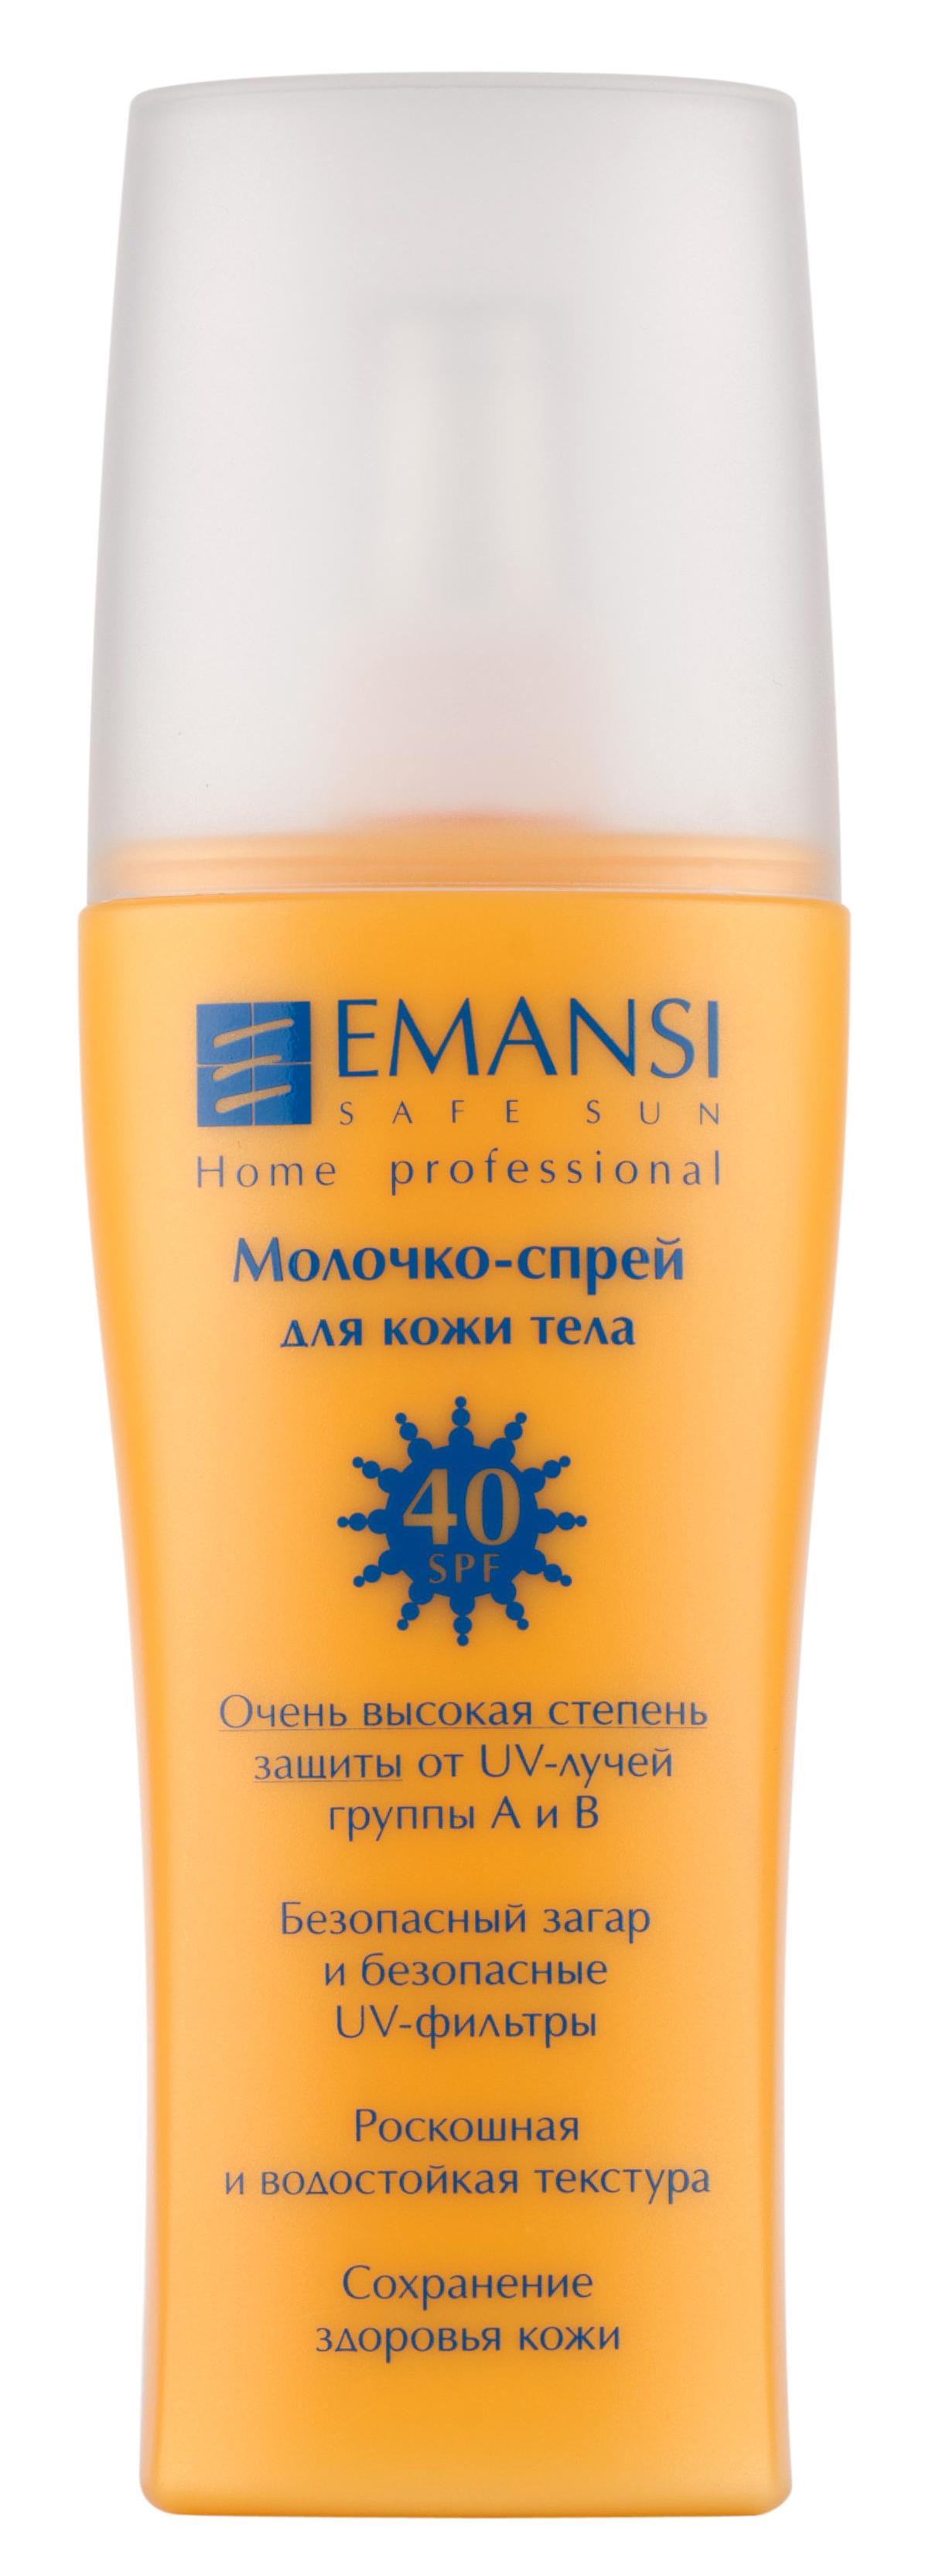 Emansi Молочко-спрей для кожи тела Safe sun SPF 40, 150 млFS-00897- Высокая степень защиты от UV-лучей группы А и В- Безопасный загар и безопасные UV-фильтры- Роскошная и водостойкая текстура - Сохранение здоровья кожи - Защищает от UV-лучей группы А и В благодаря включению безопасных UV-фильтров - Устойчиво к действию воды и пота - Подходит для любой, в том числе и чувствительной кожи